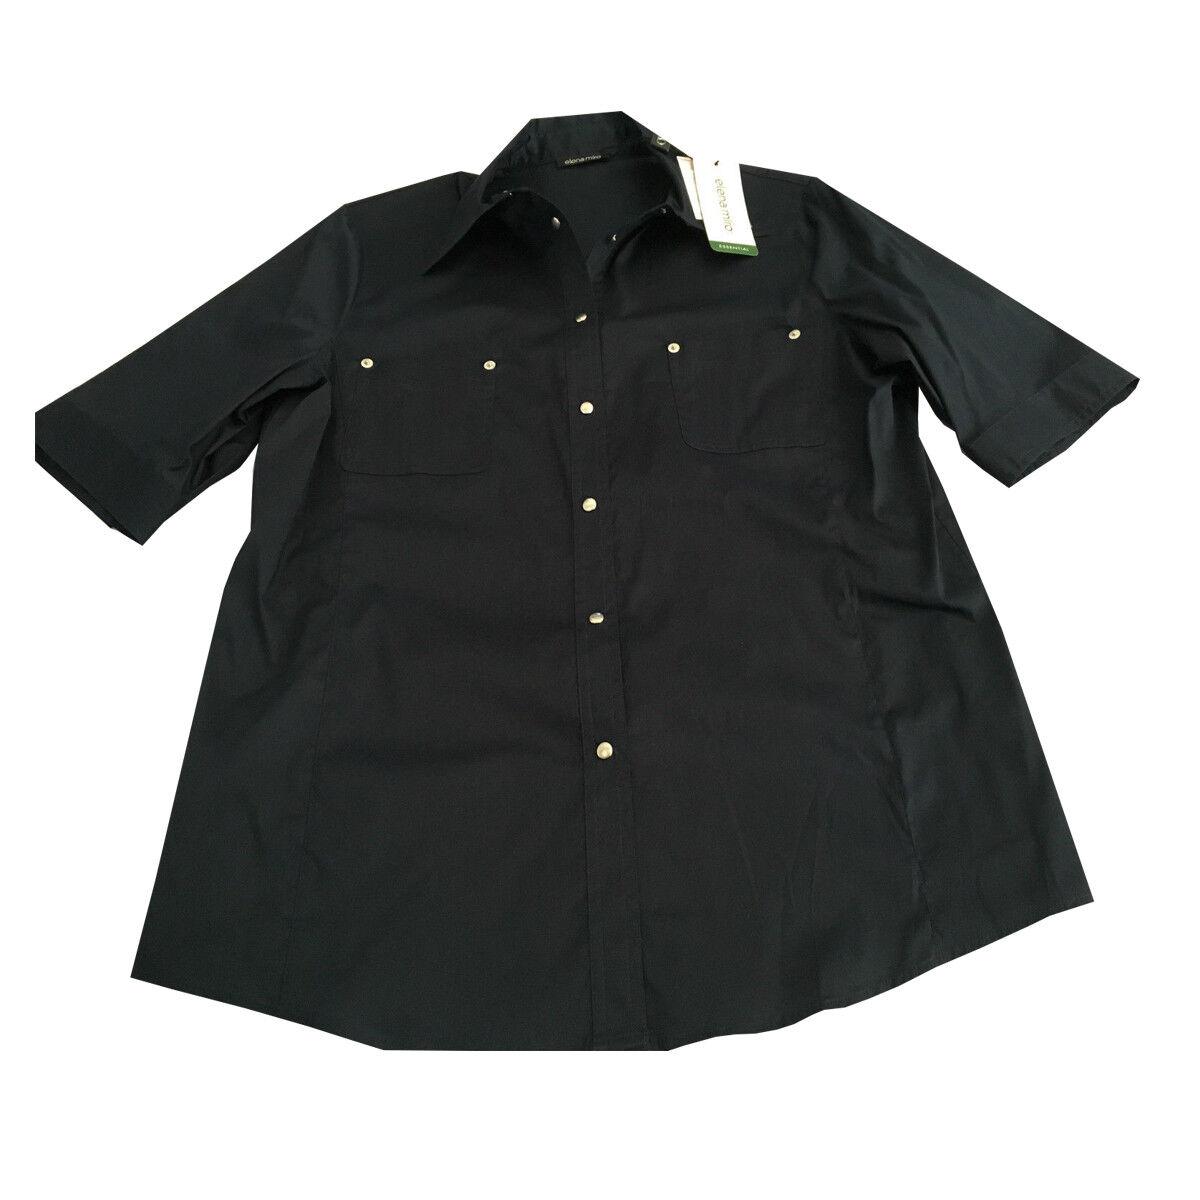 ELENA MIRO' camicia donna mezza mezza mezza manica blu con bottoni automatici 3d2621